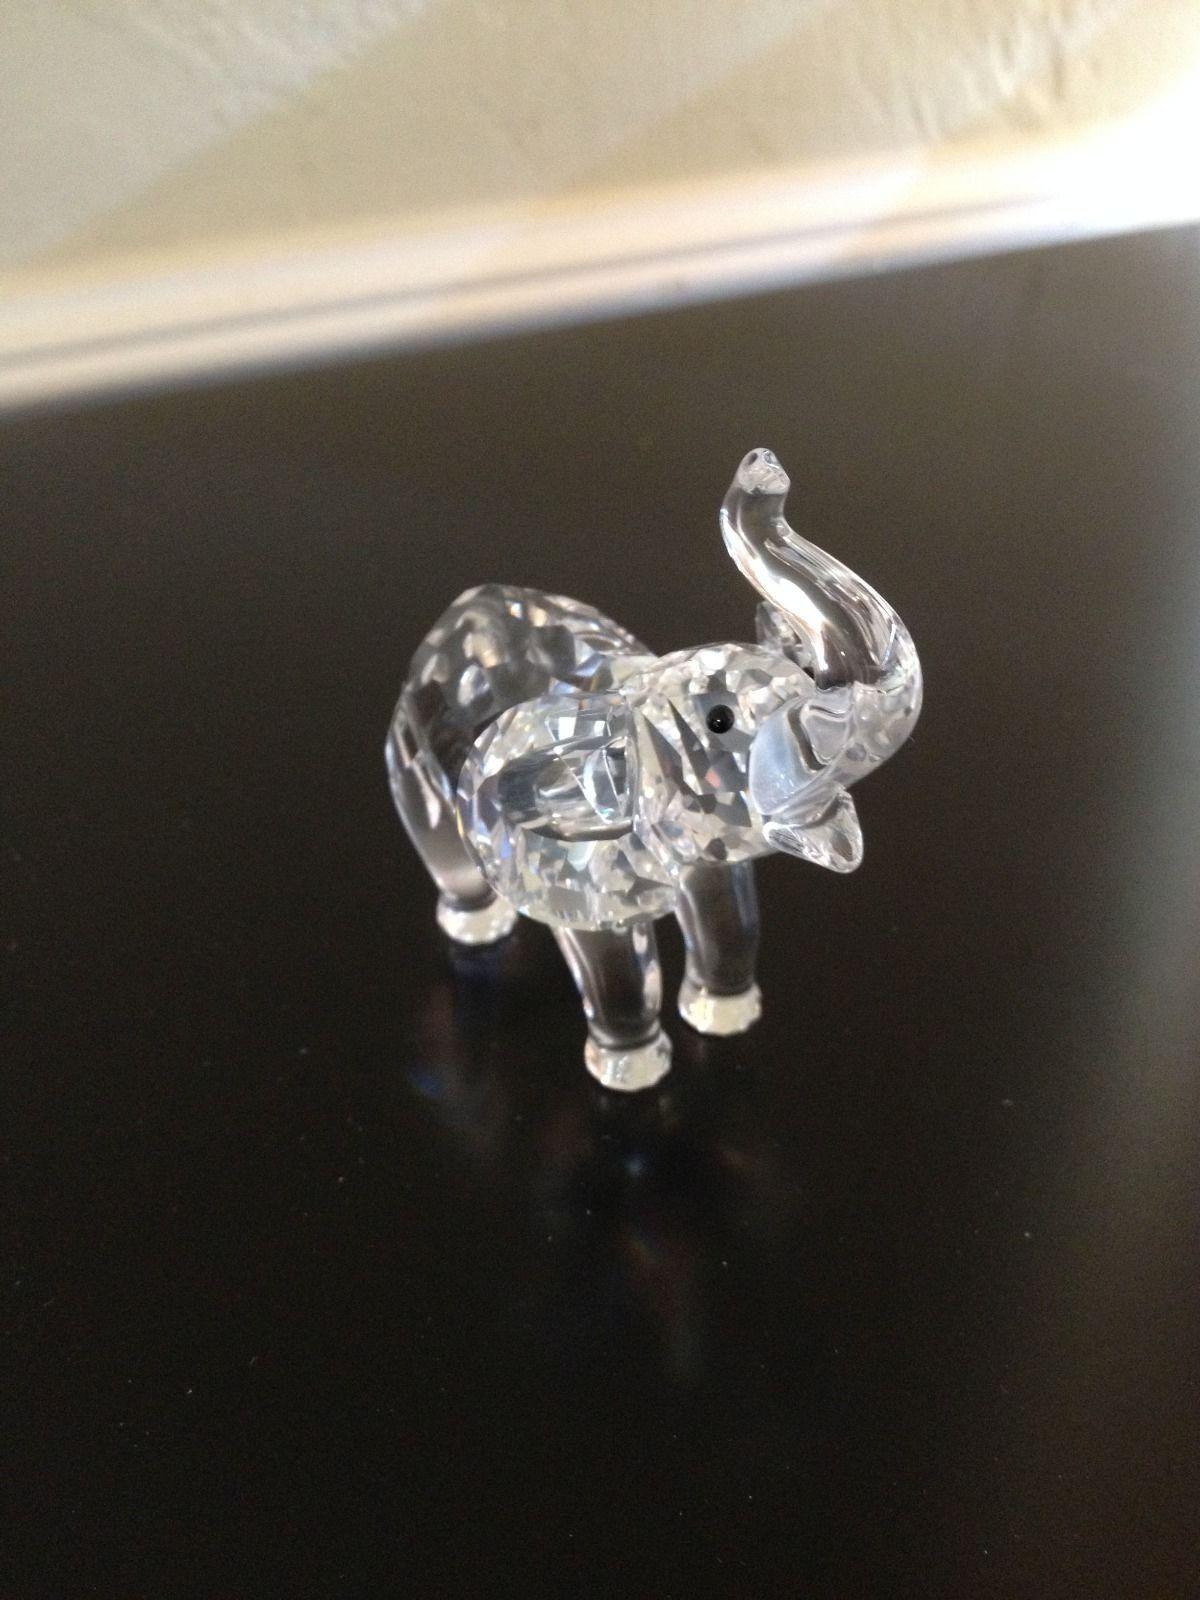 Swarovski Crystal Baby Elephant Animal Figurine Retired 191371 Mint